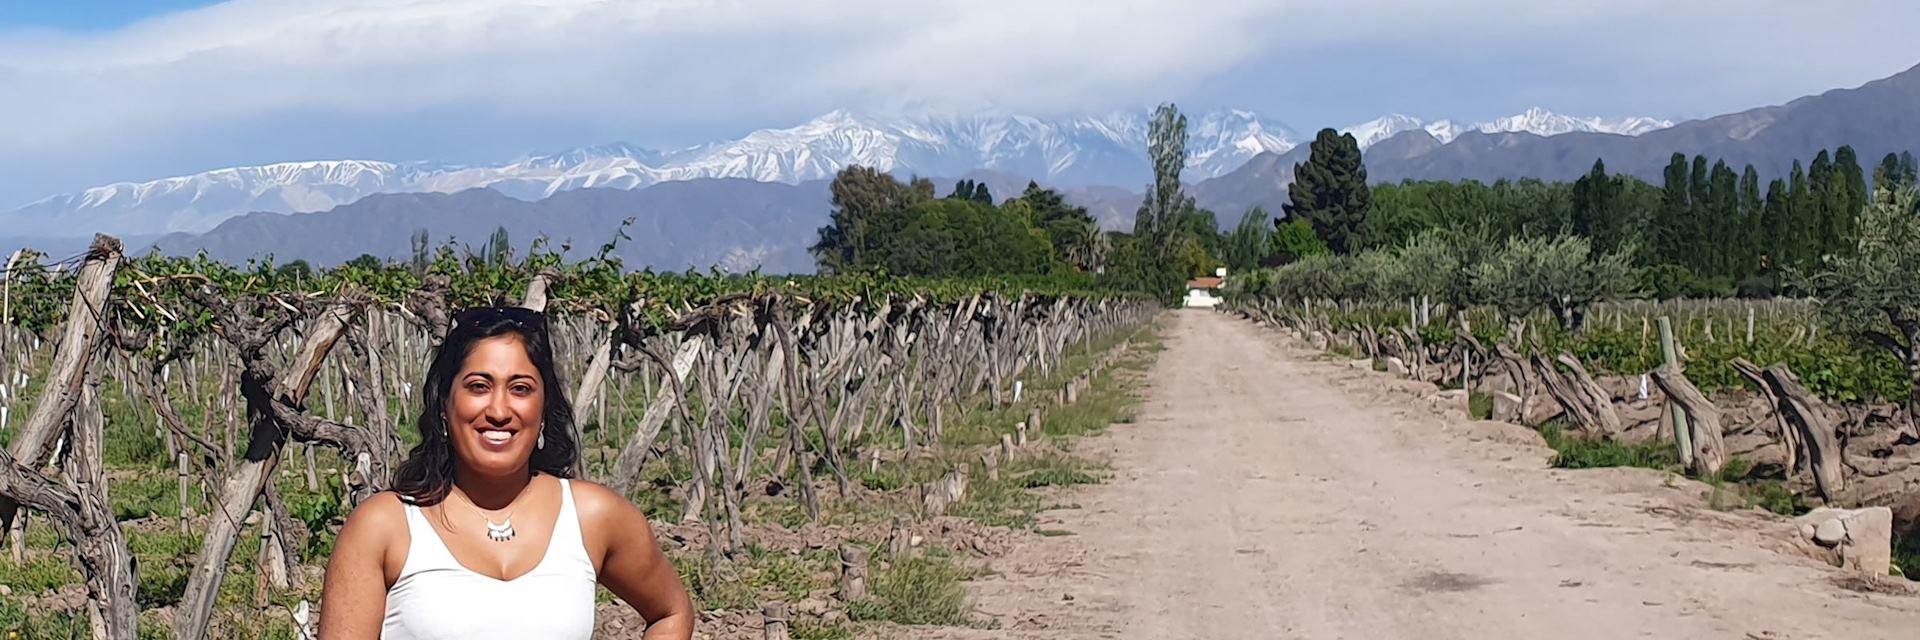 Shivani in Mendoza, Argentina